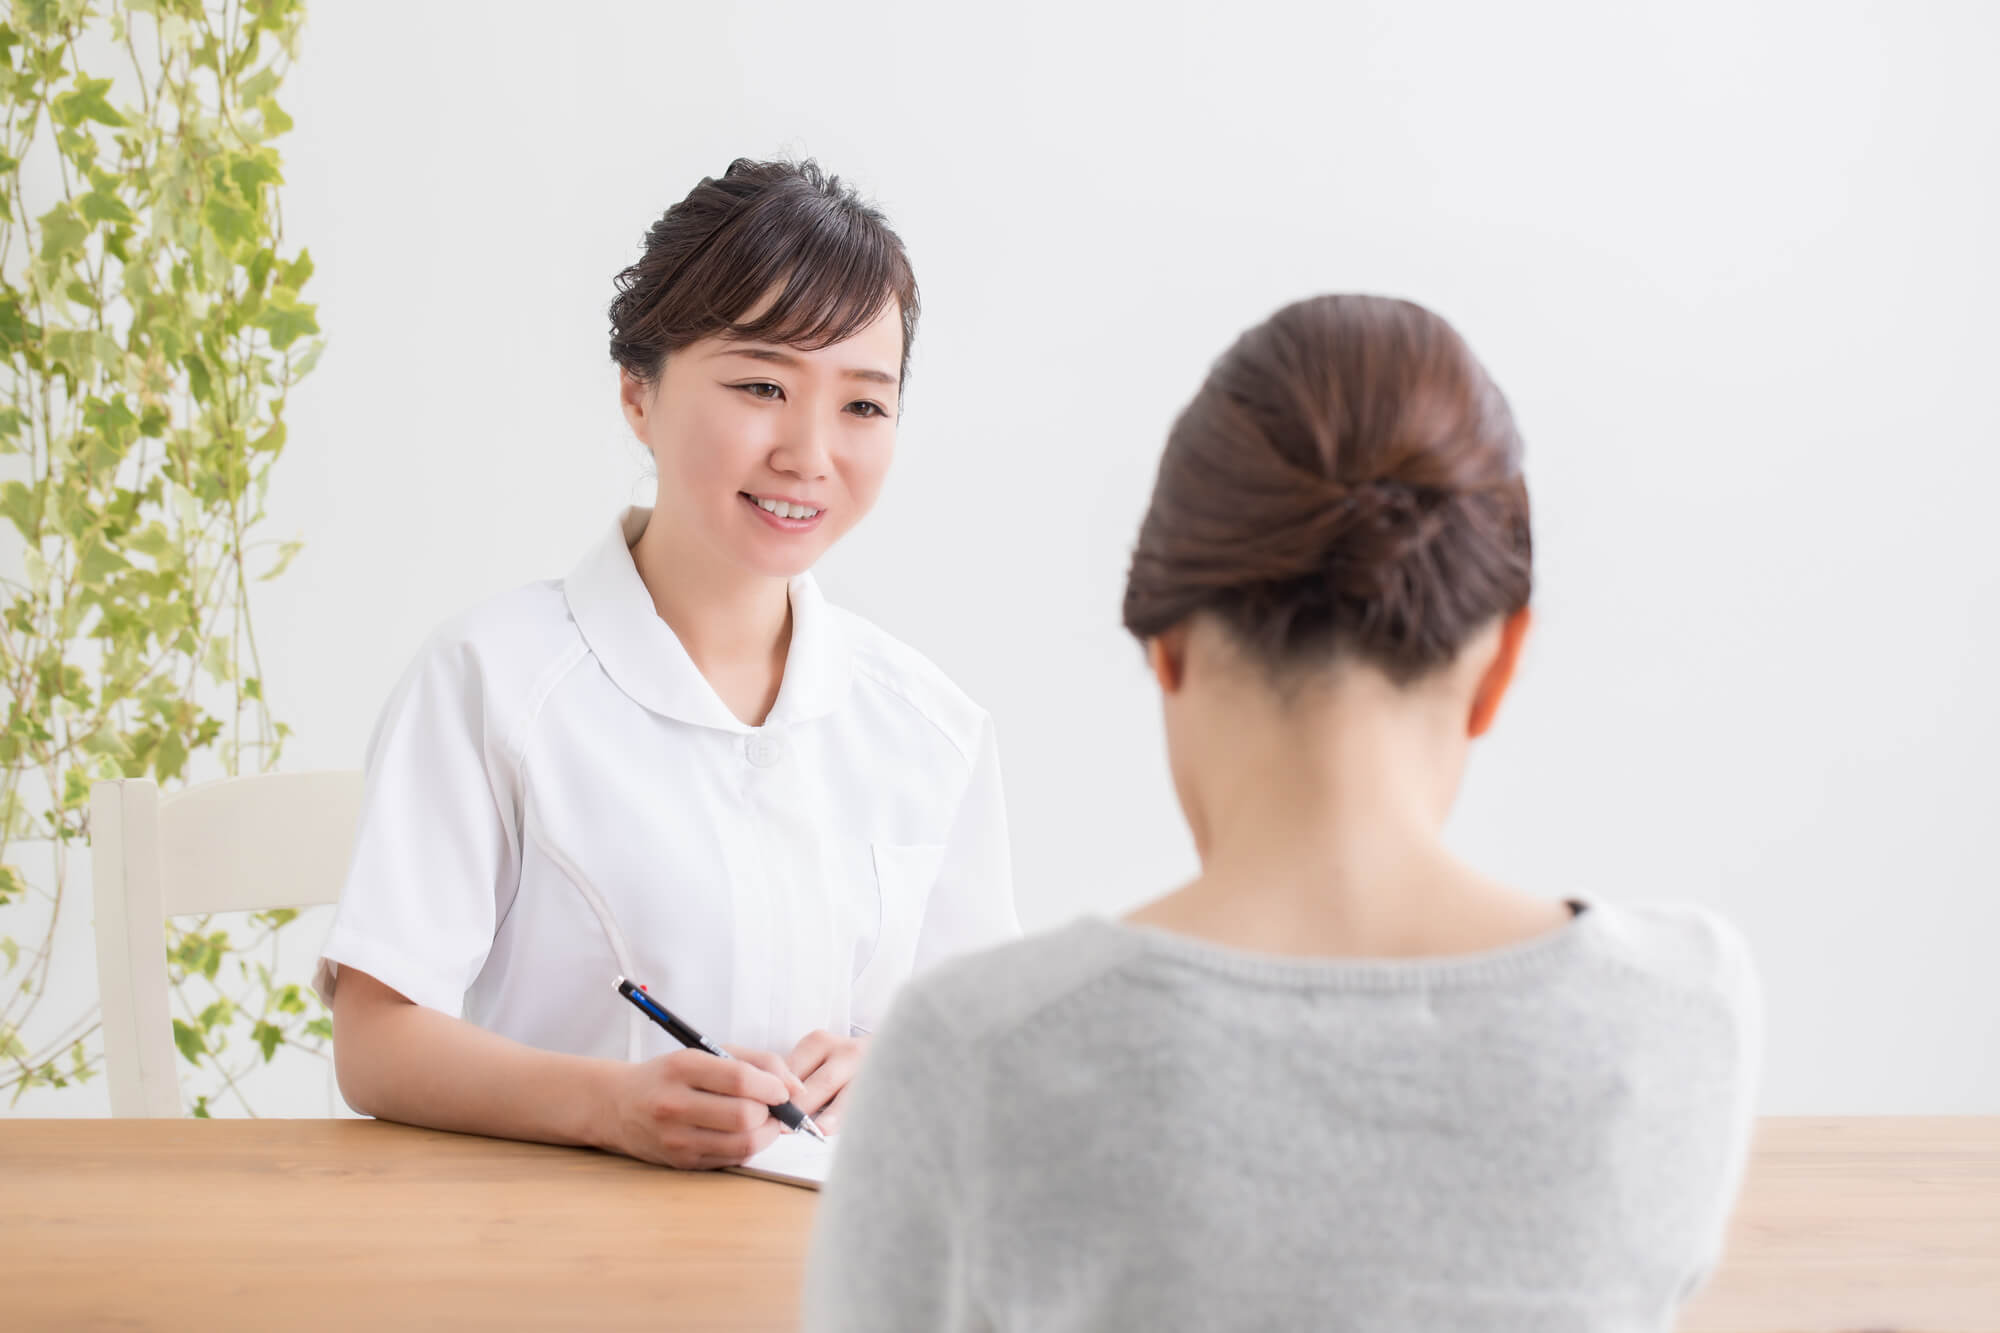 精神科で発達障害の診断を受けている女性